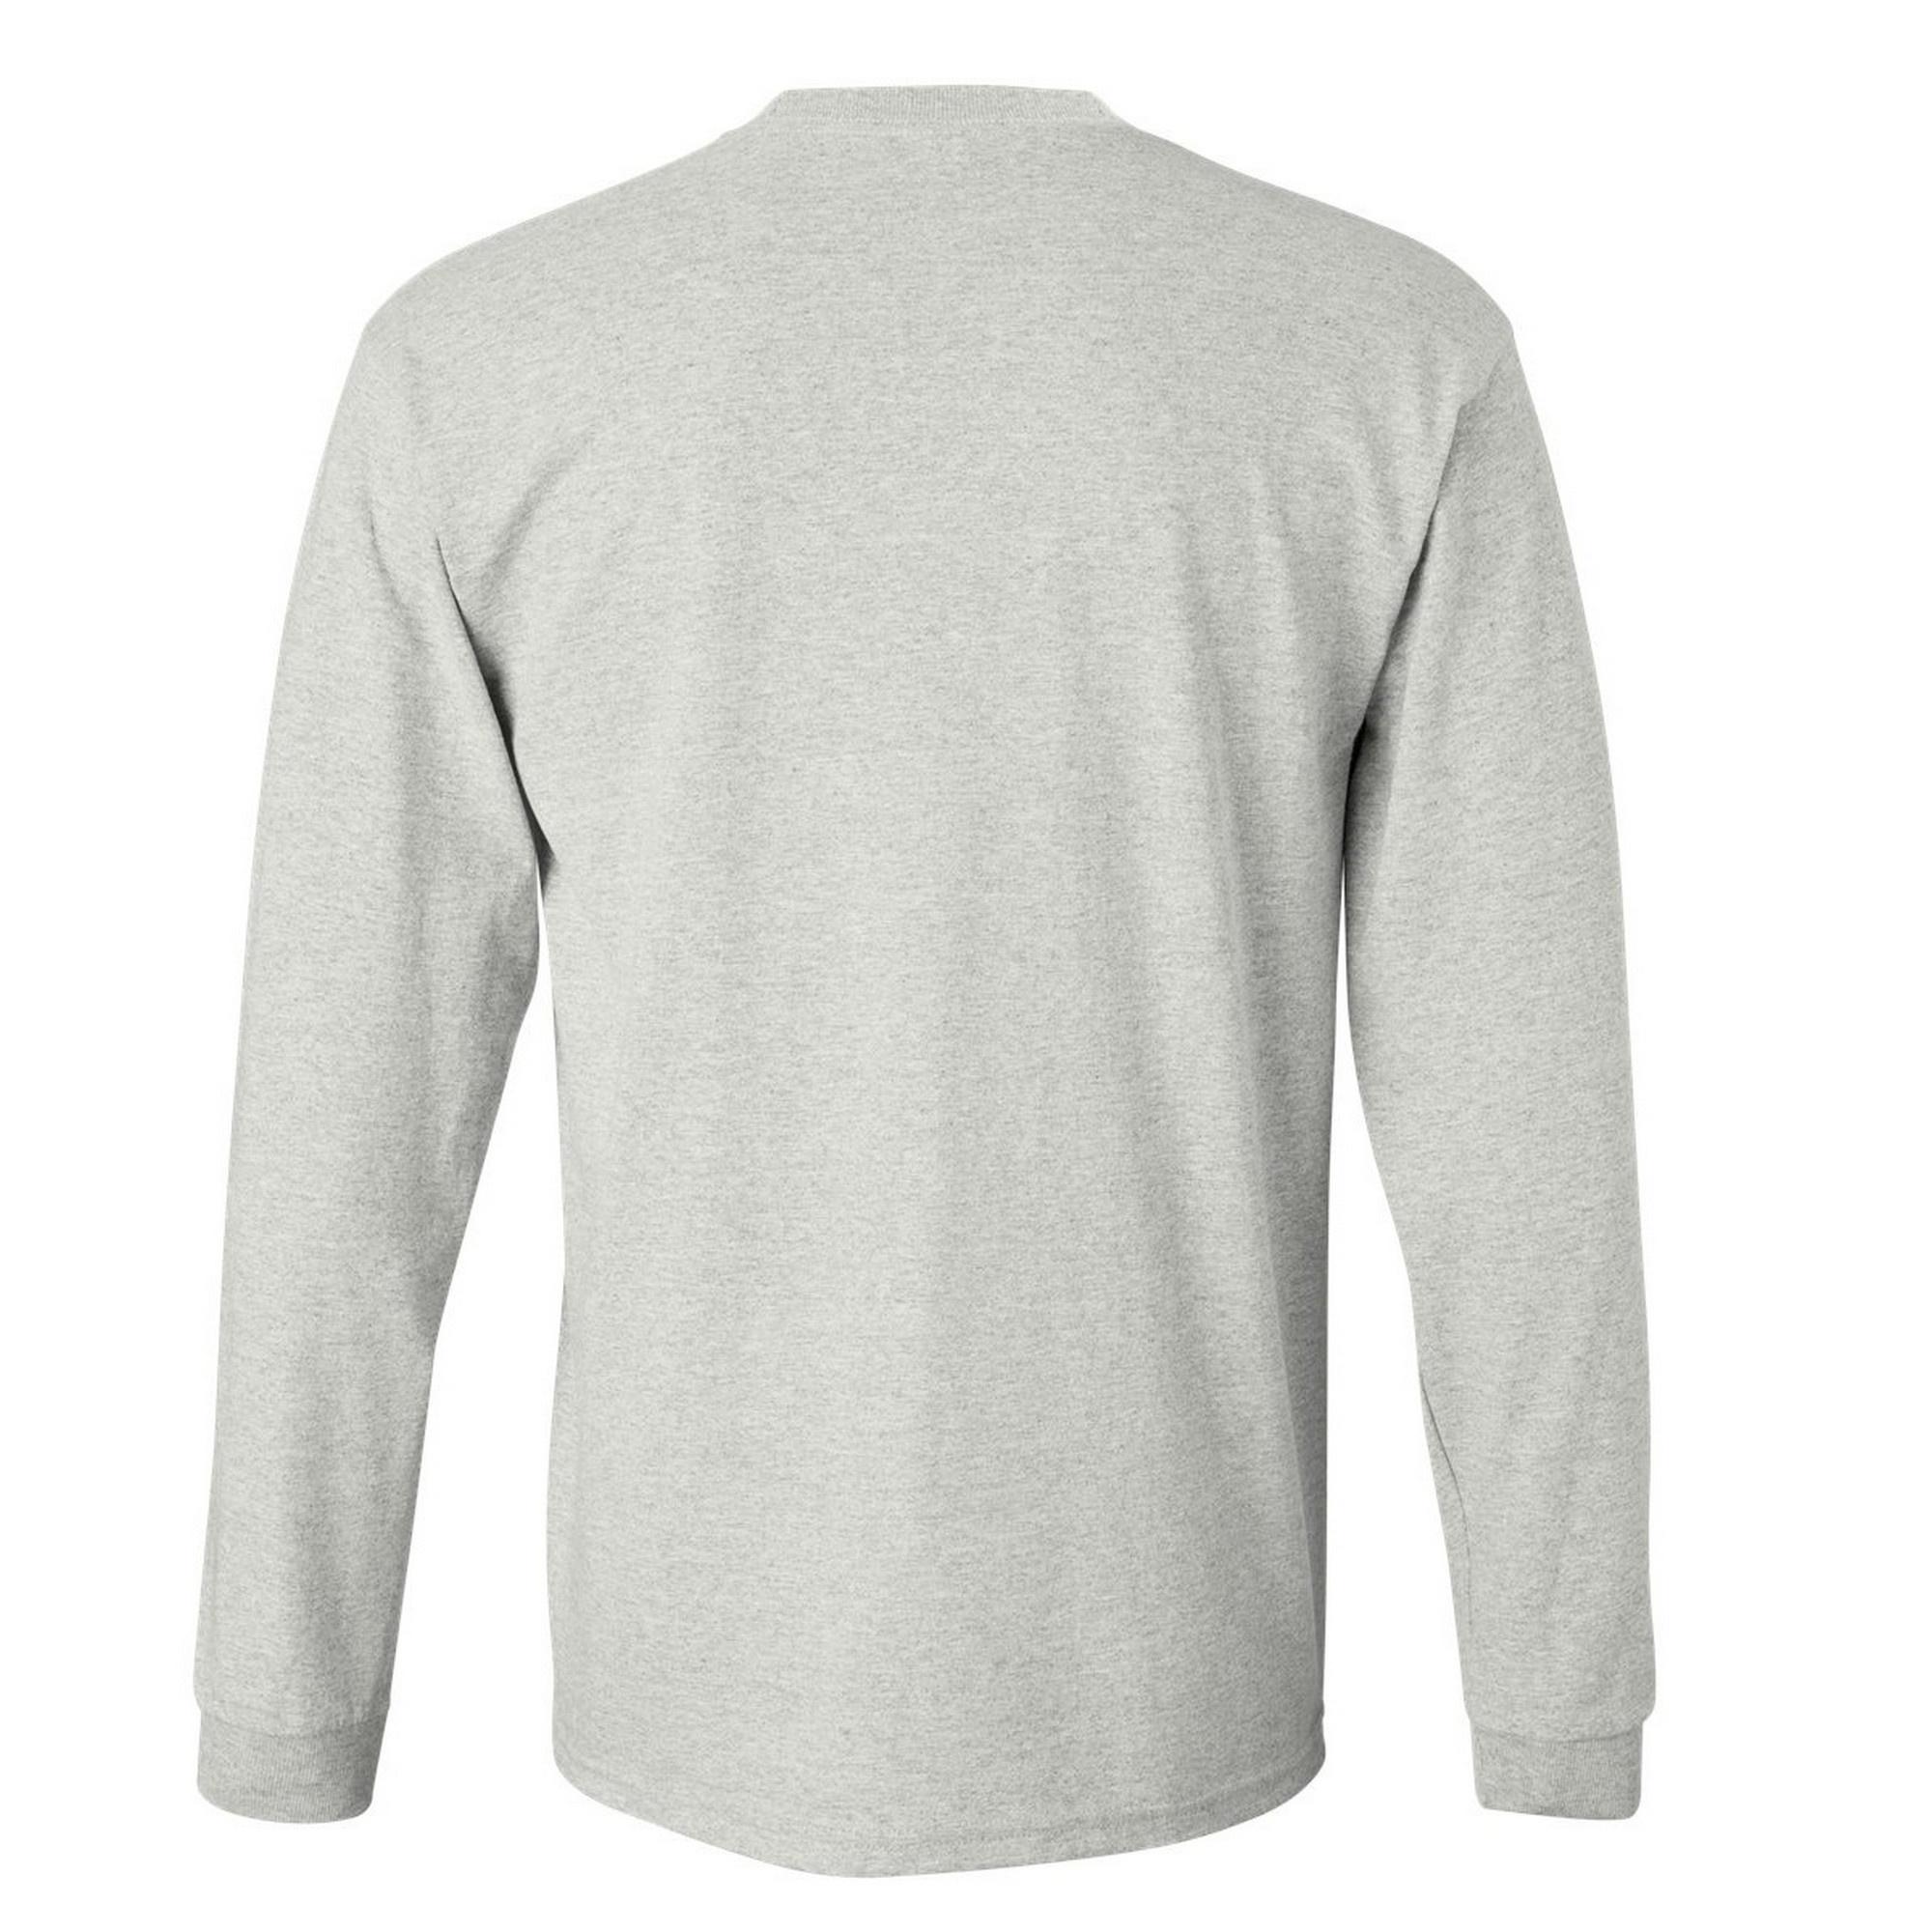 miniature 63 - T-shirt-uni-a-manches-longues-Gildan-100-coton-pour-homme-S-2XL-BC477